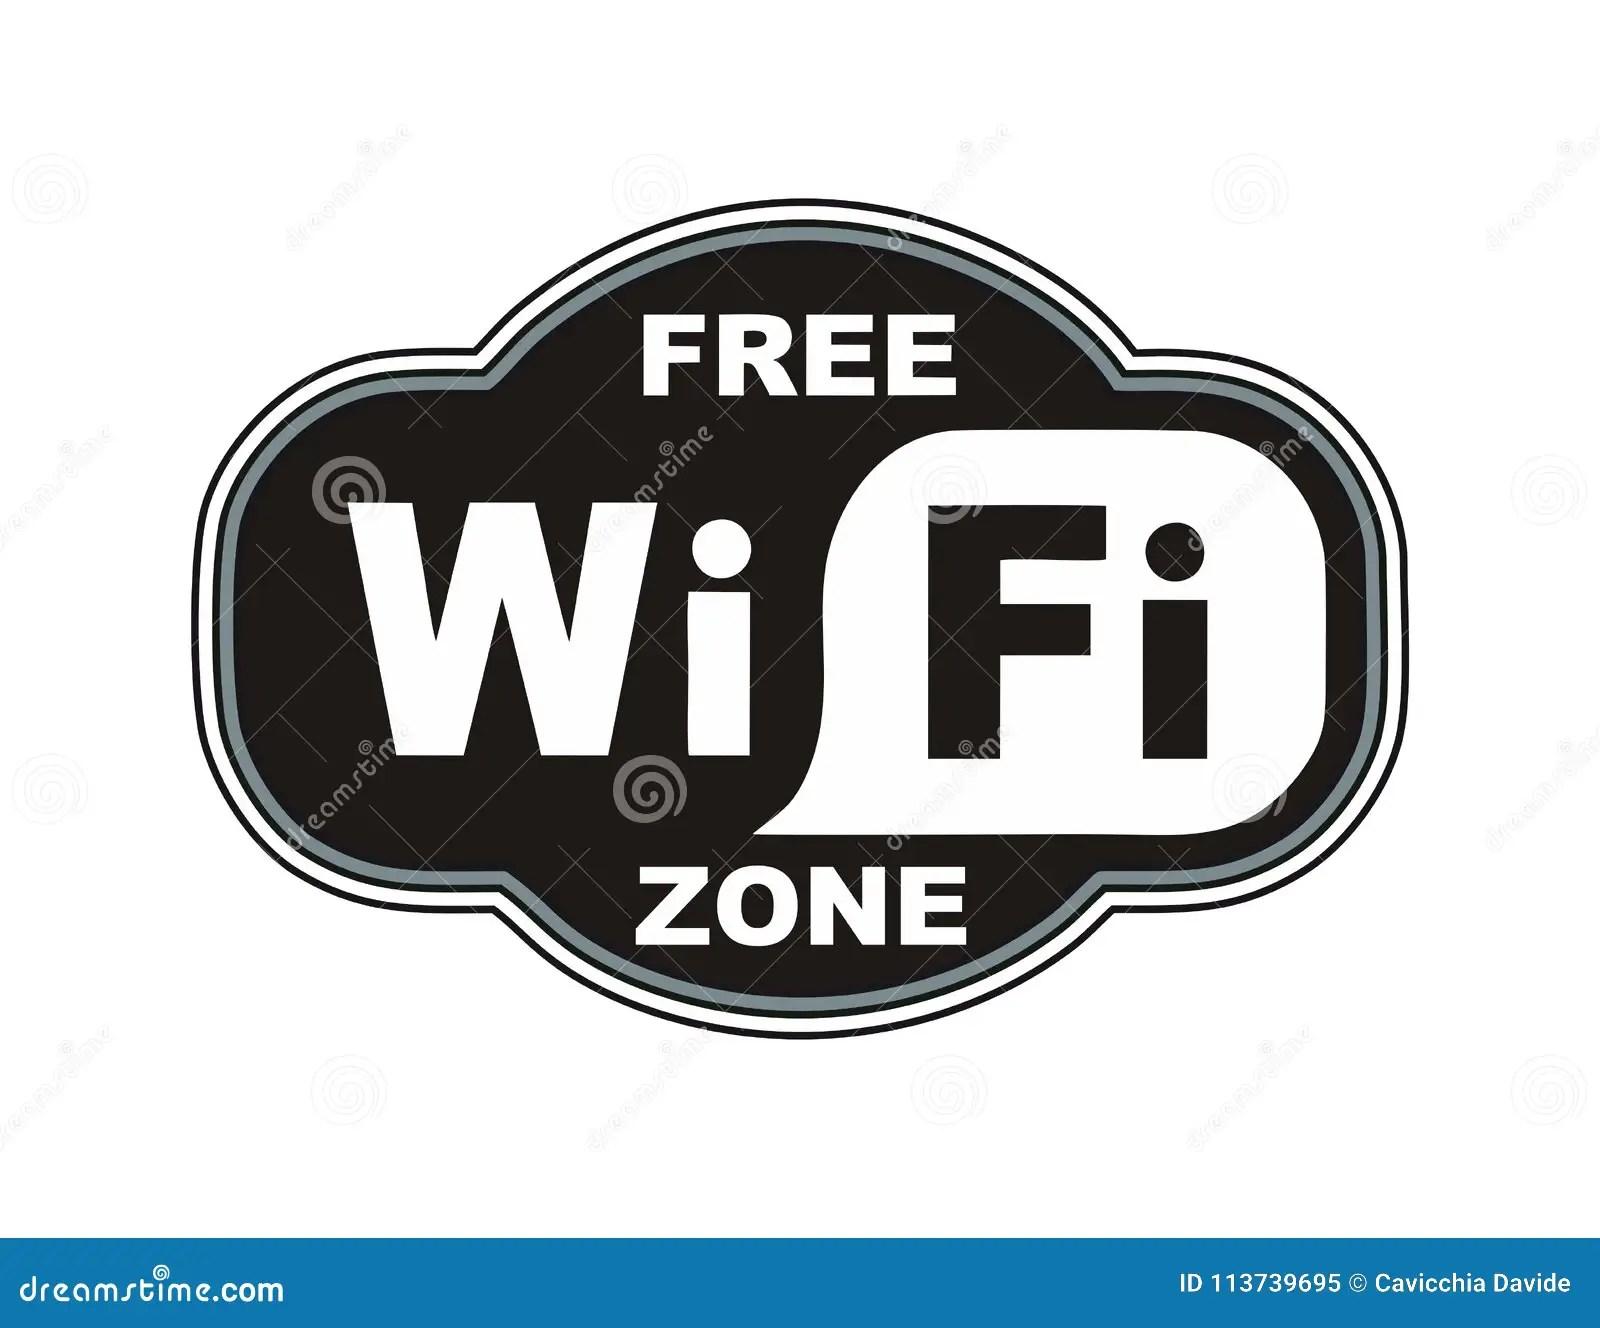 a free wifi zone